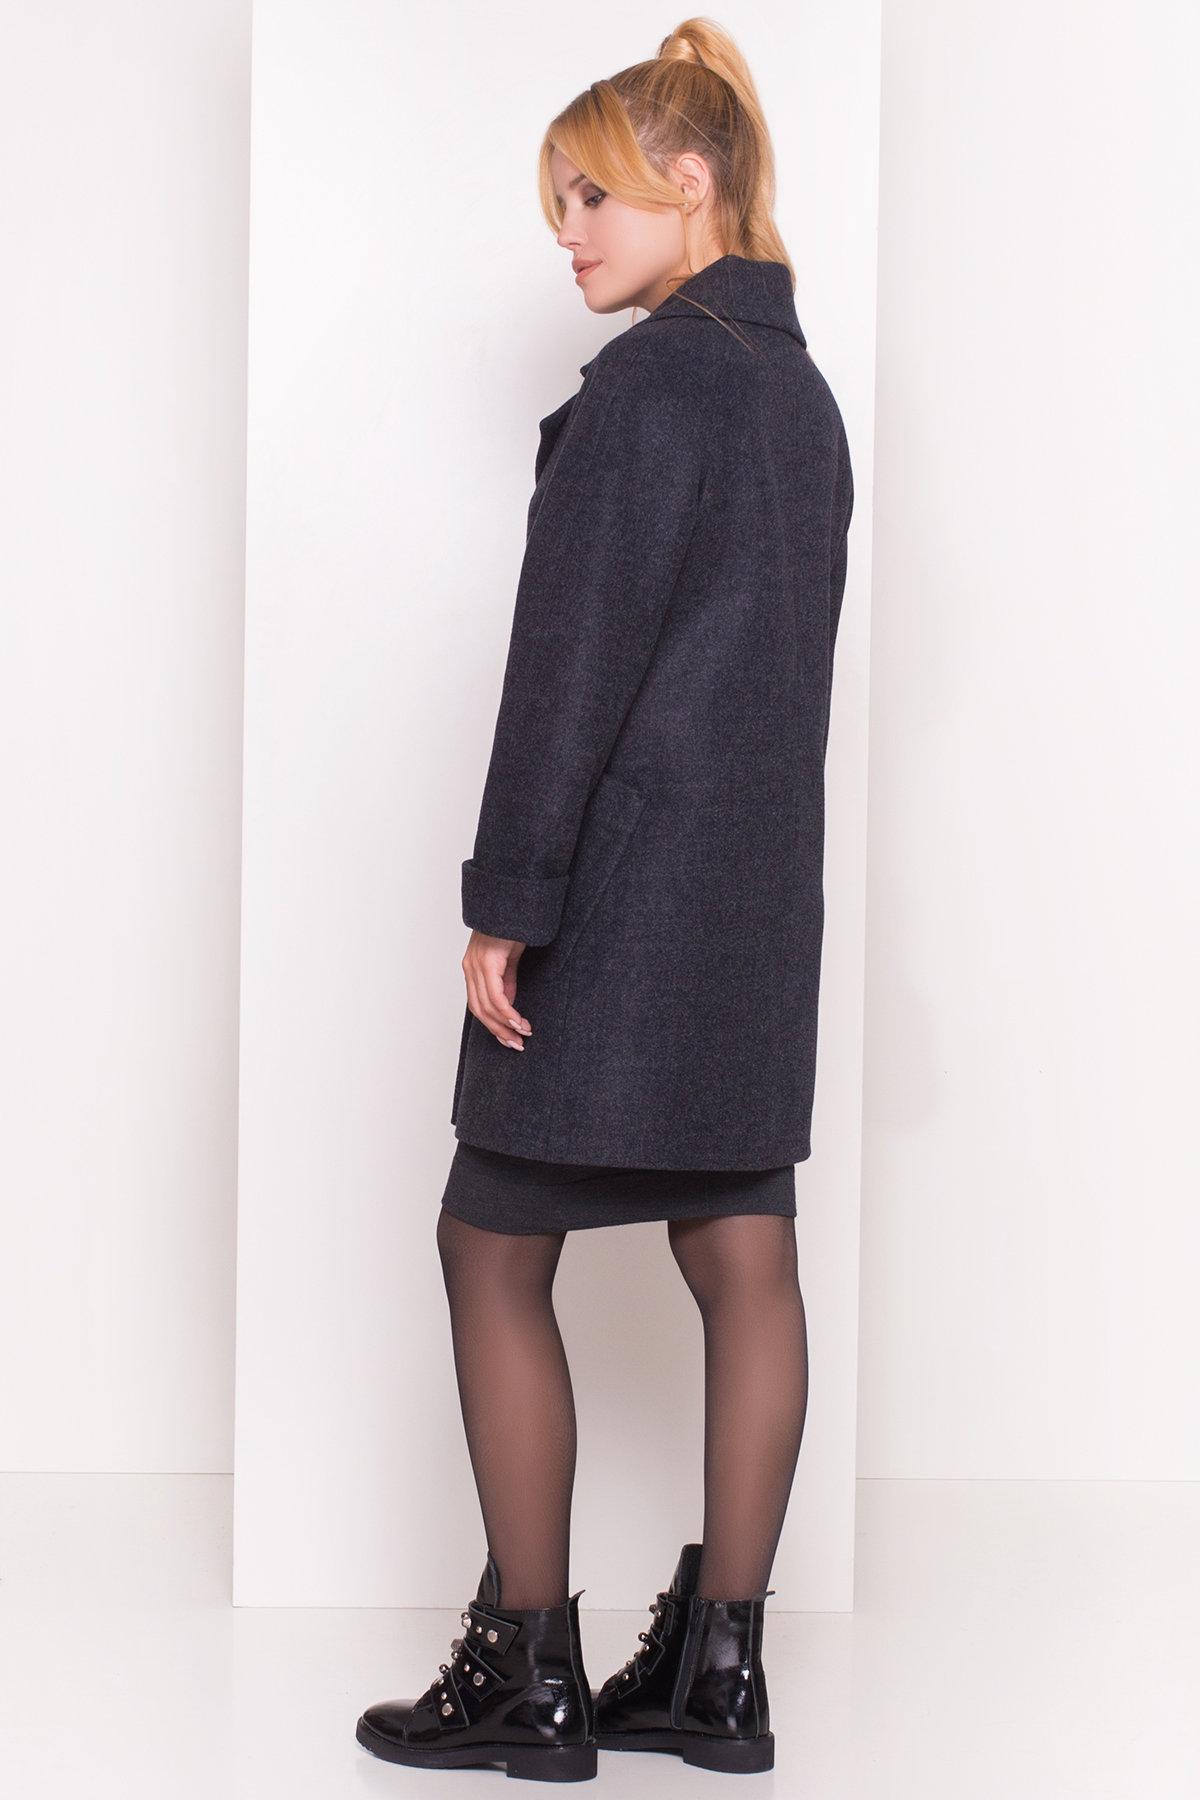 Пальто Модика 4552 Цвет: Темно-синий 6